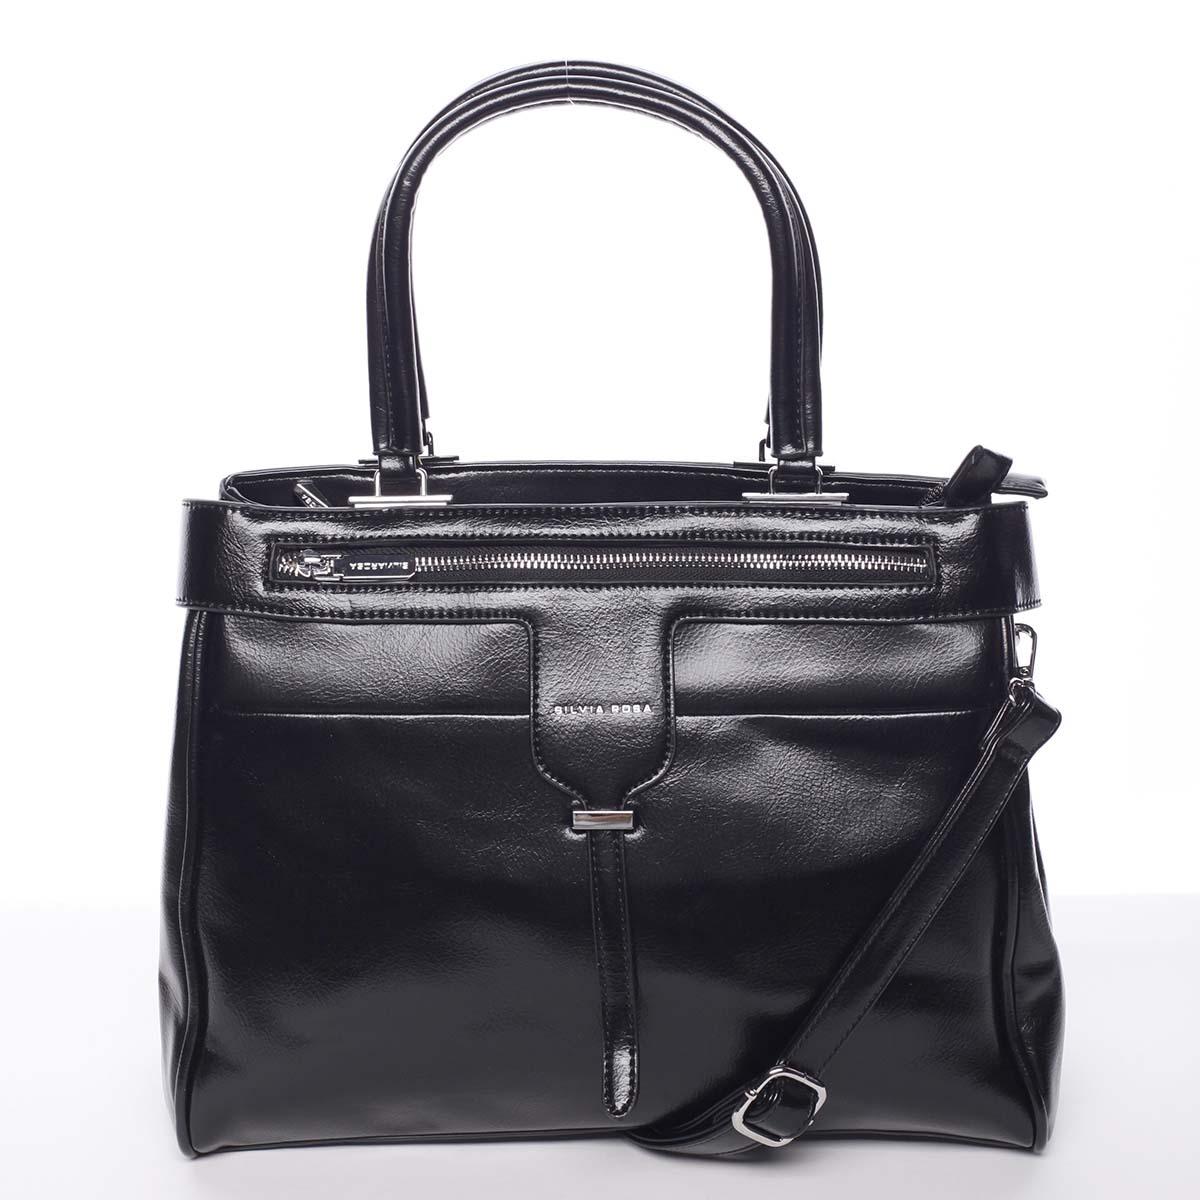 Luxusná moderná dámska čierna kabelka do ruky - Silvia Rosa Venus